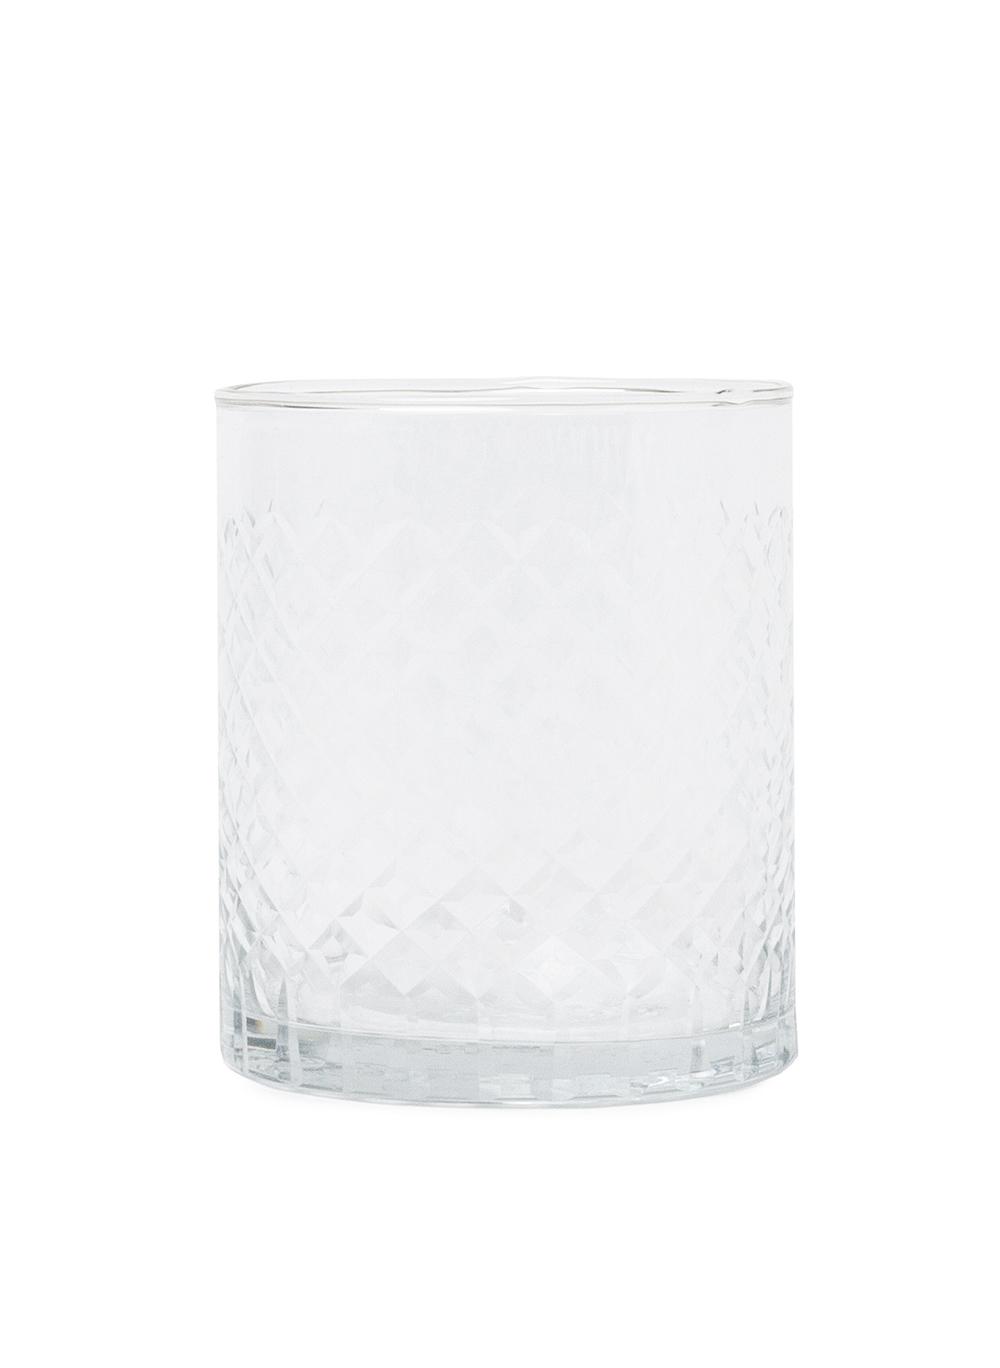 Copo Le Lis Blanc Casa Chic Transparente (Transparente, Un)